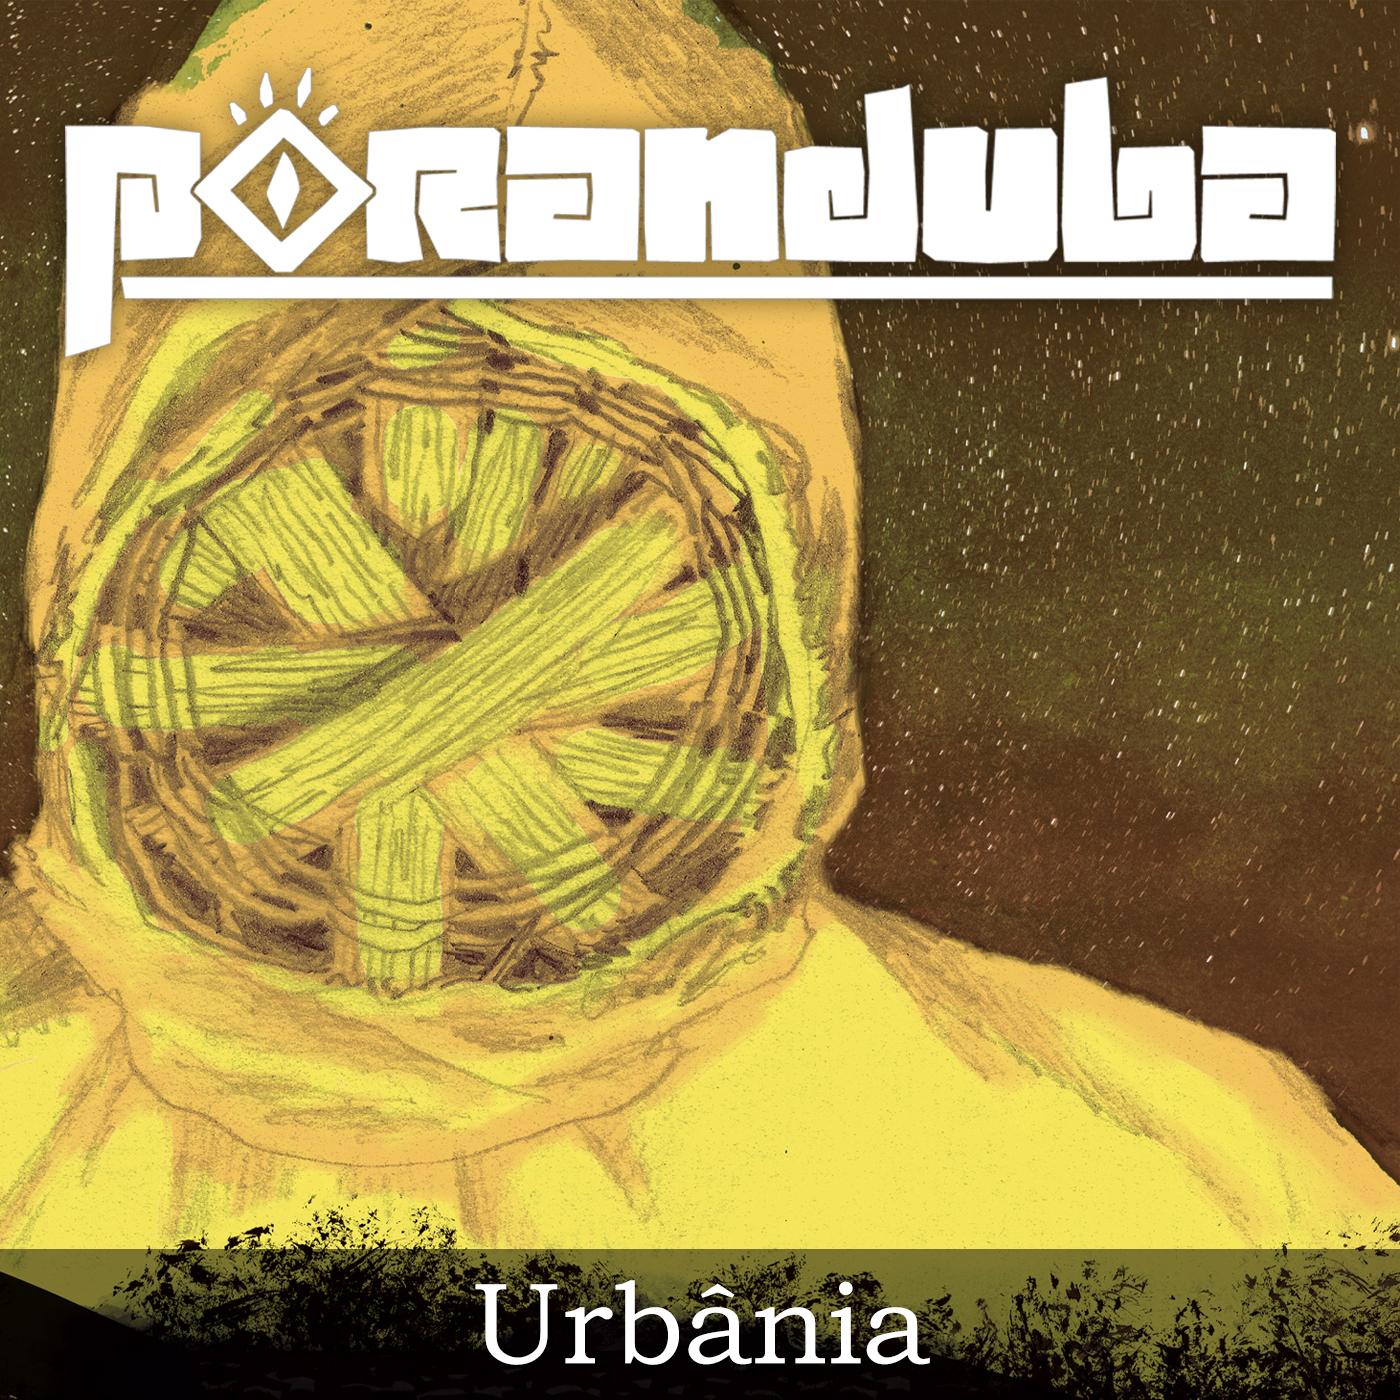 Urbânia